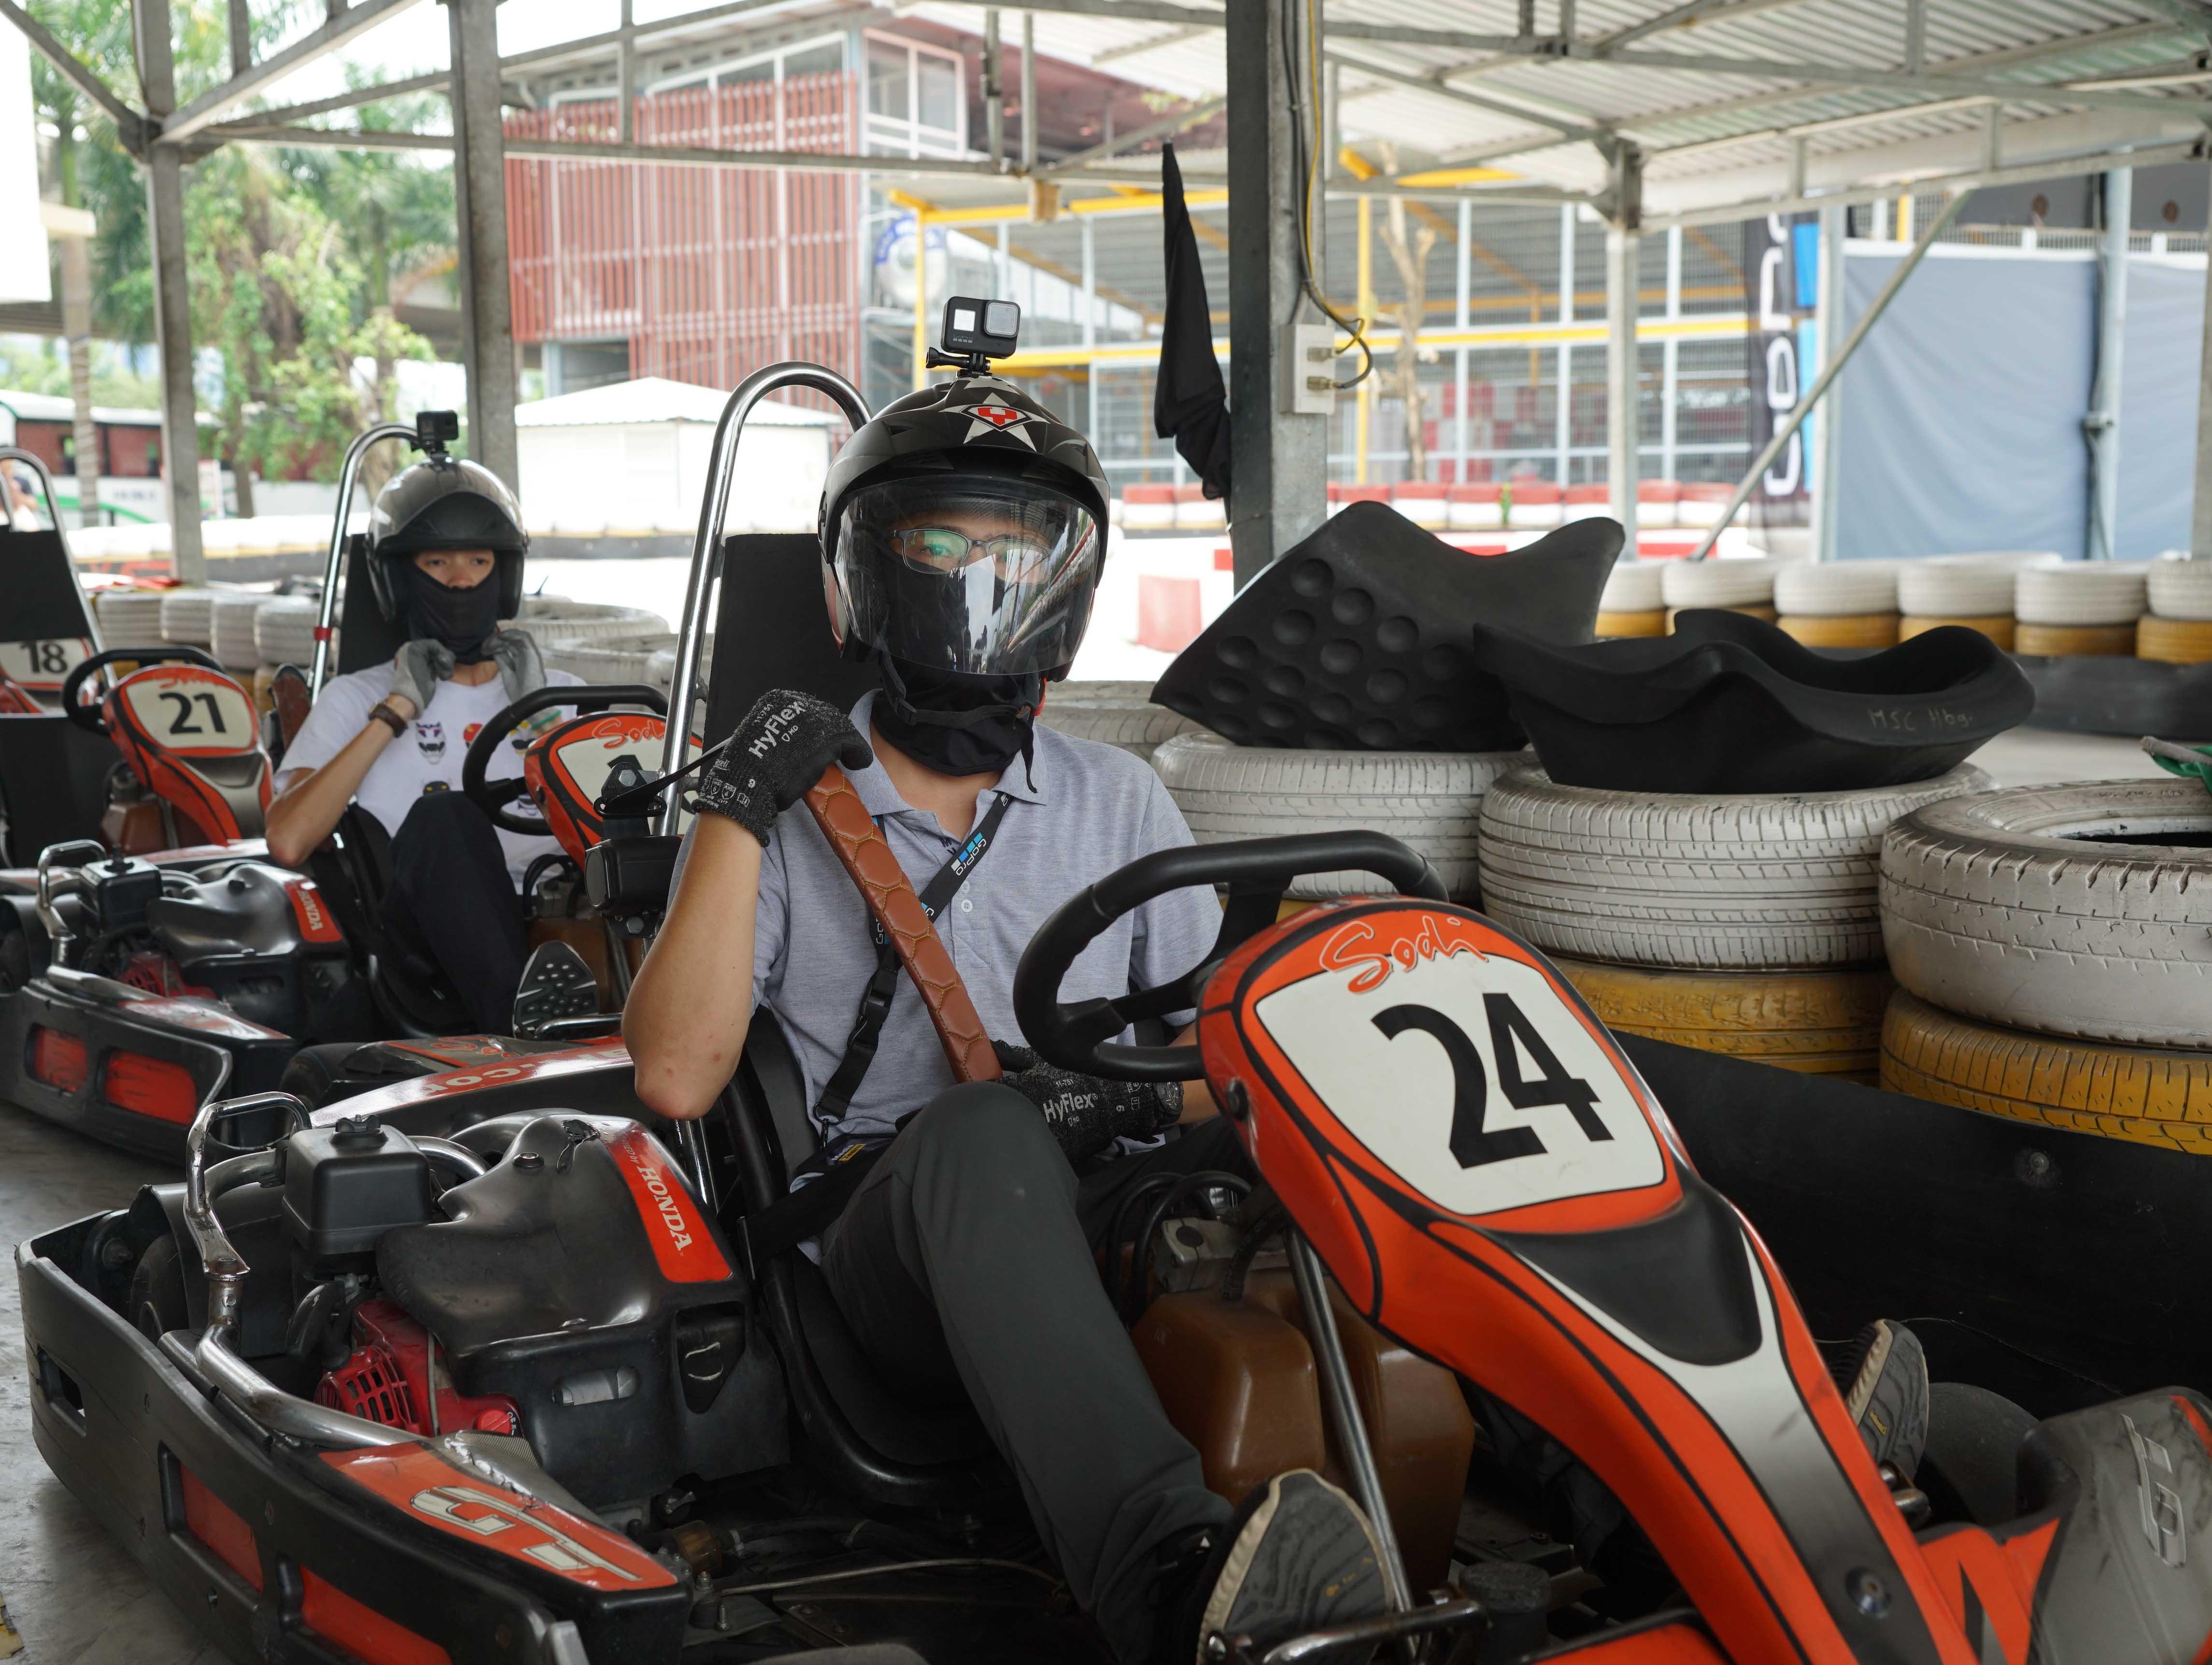 Cuối tuần, giới trẻ Sài Gòn rủ nhau đi đua xe Go-Kart Ảnh 2